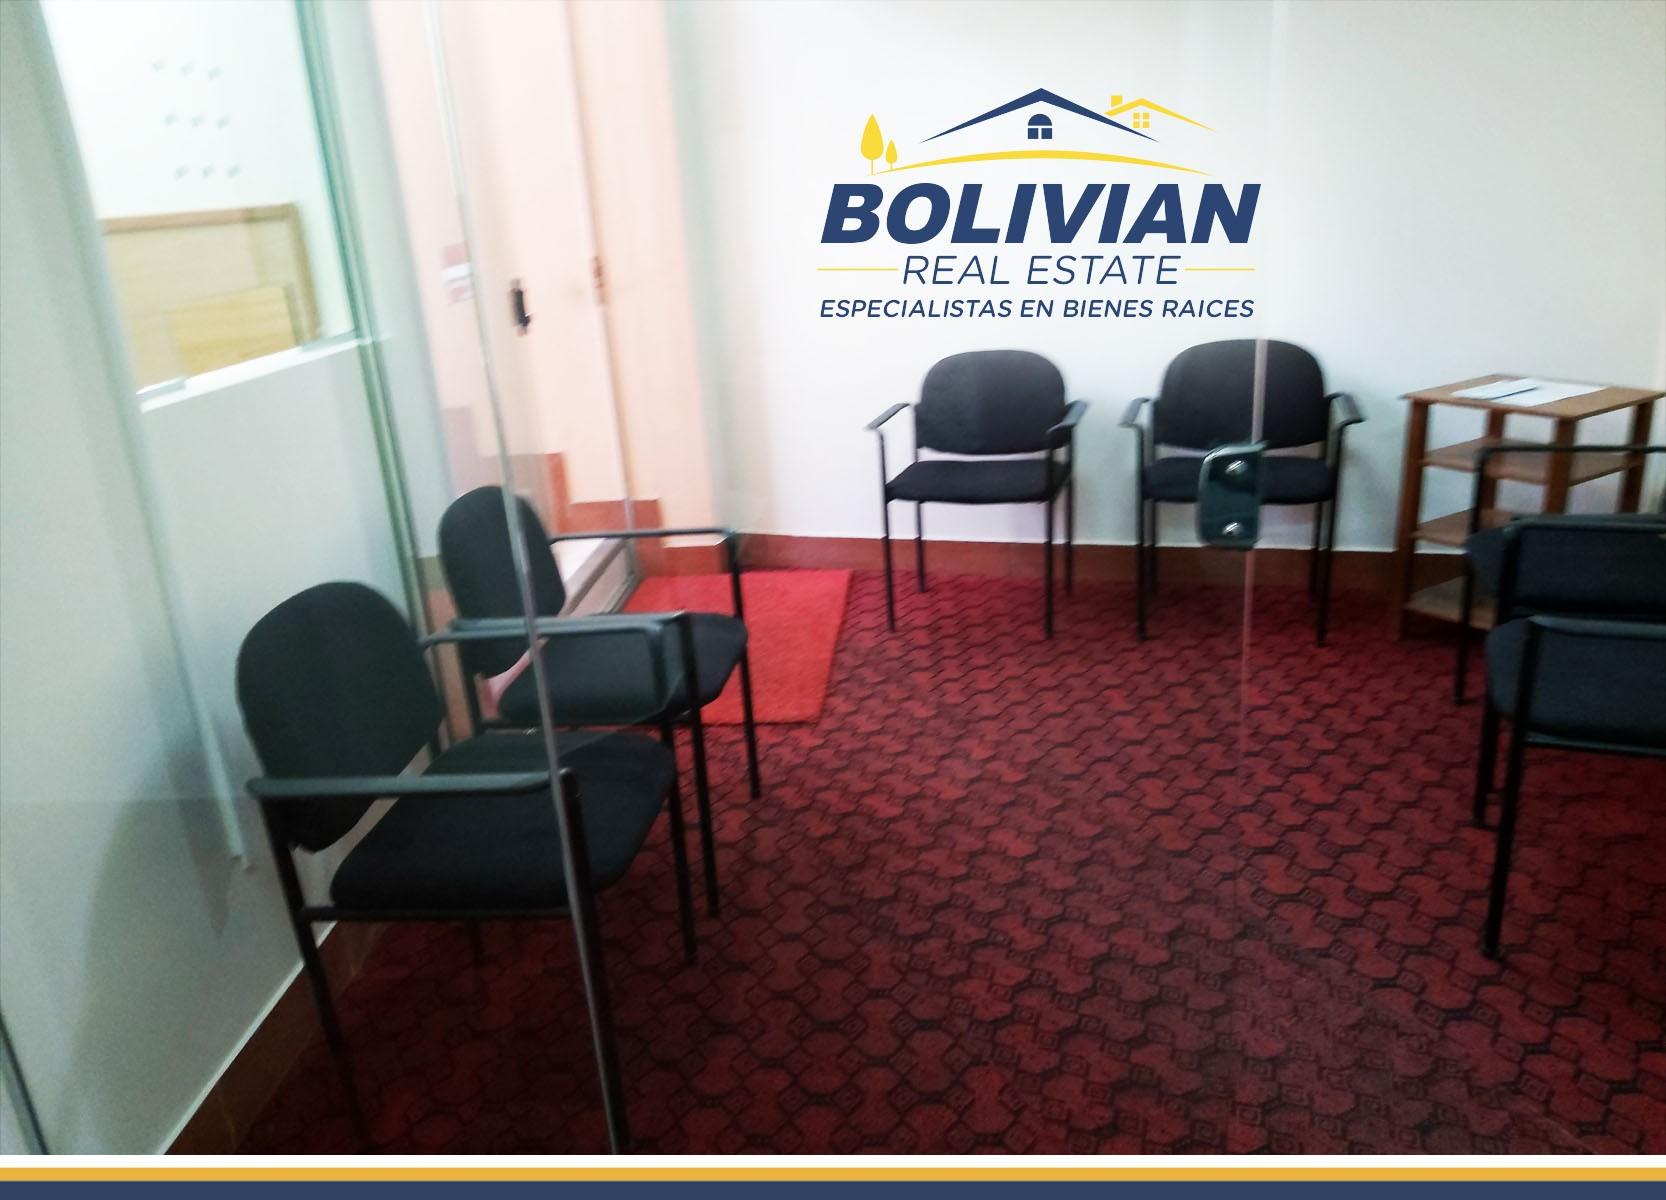 Oficina en Venta OBRAJES AV. 14 DE SEPTIEMBRE AMPLIO OFICINA EN VENTA  Foto 8